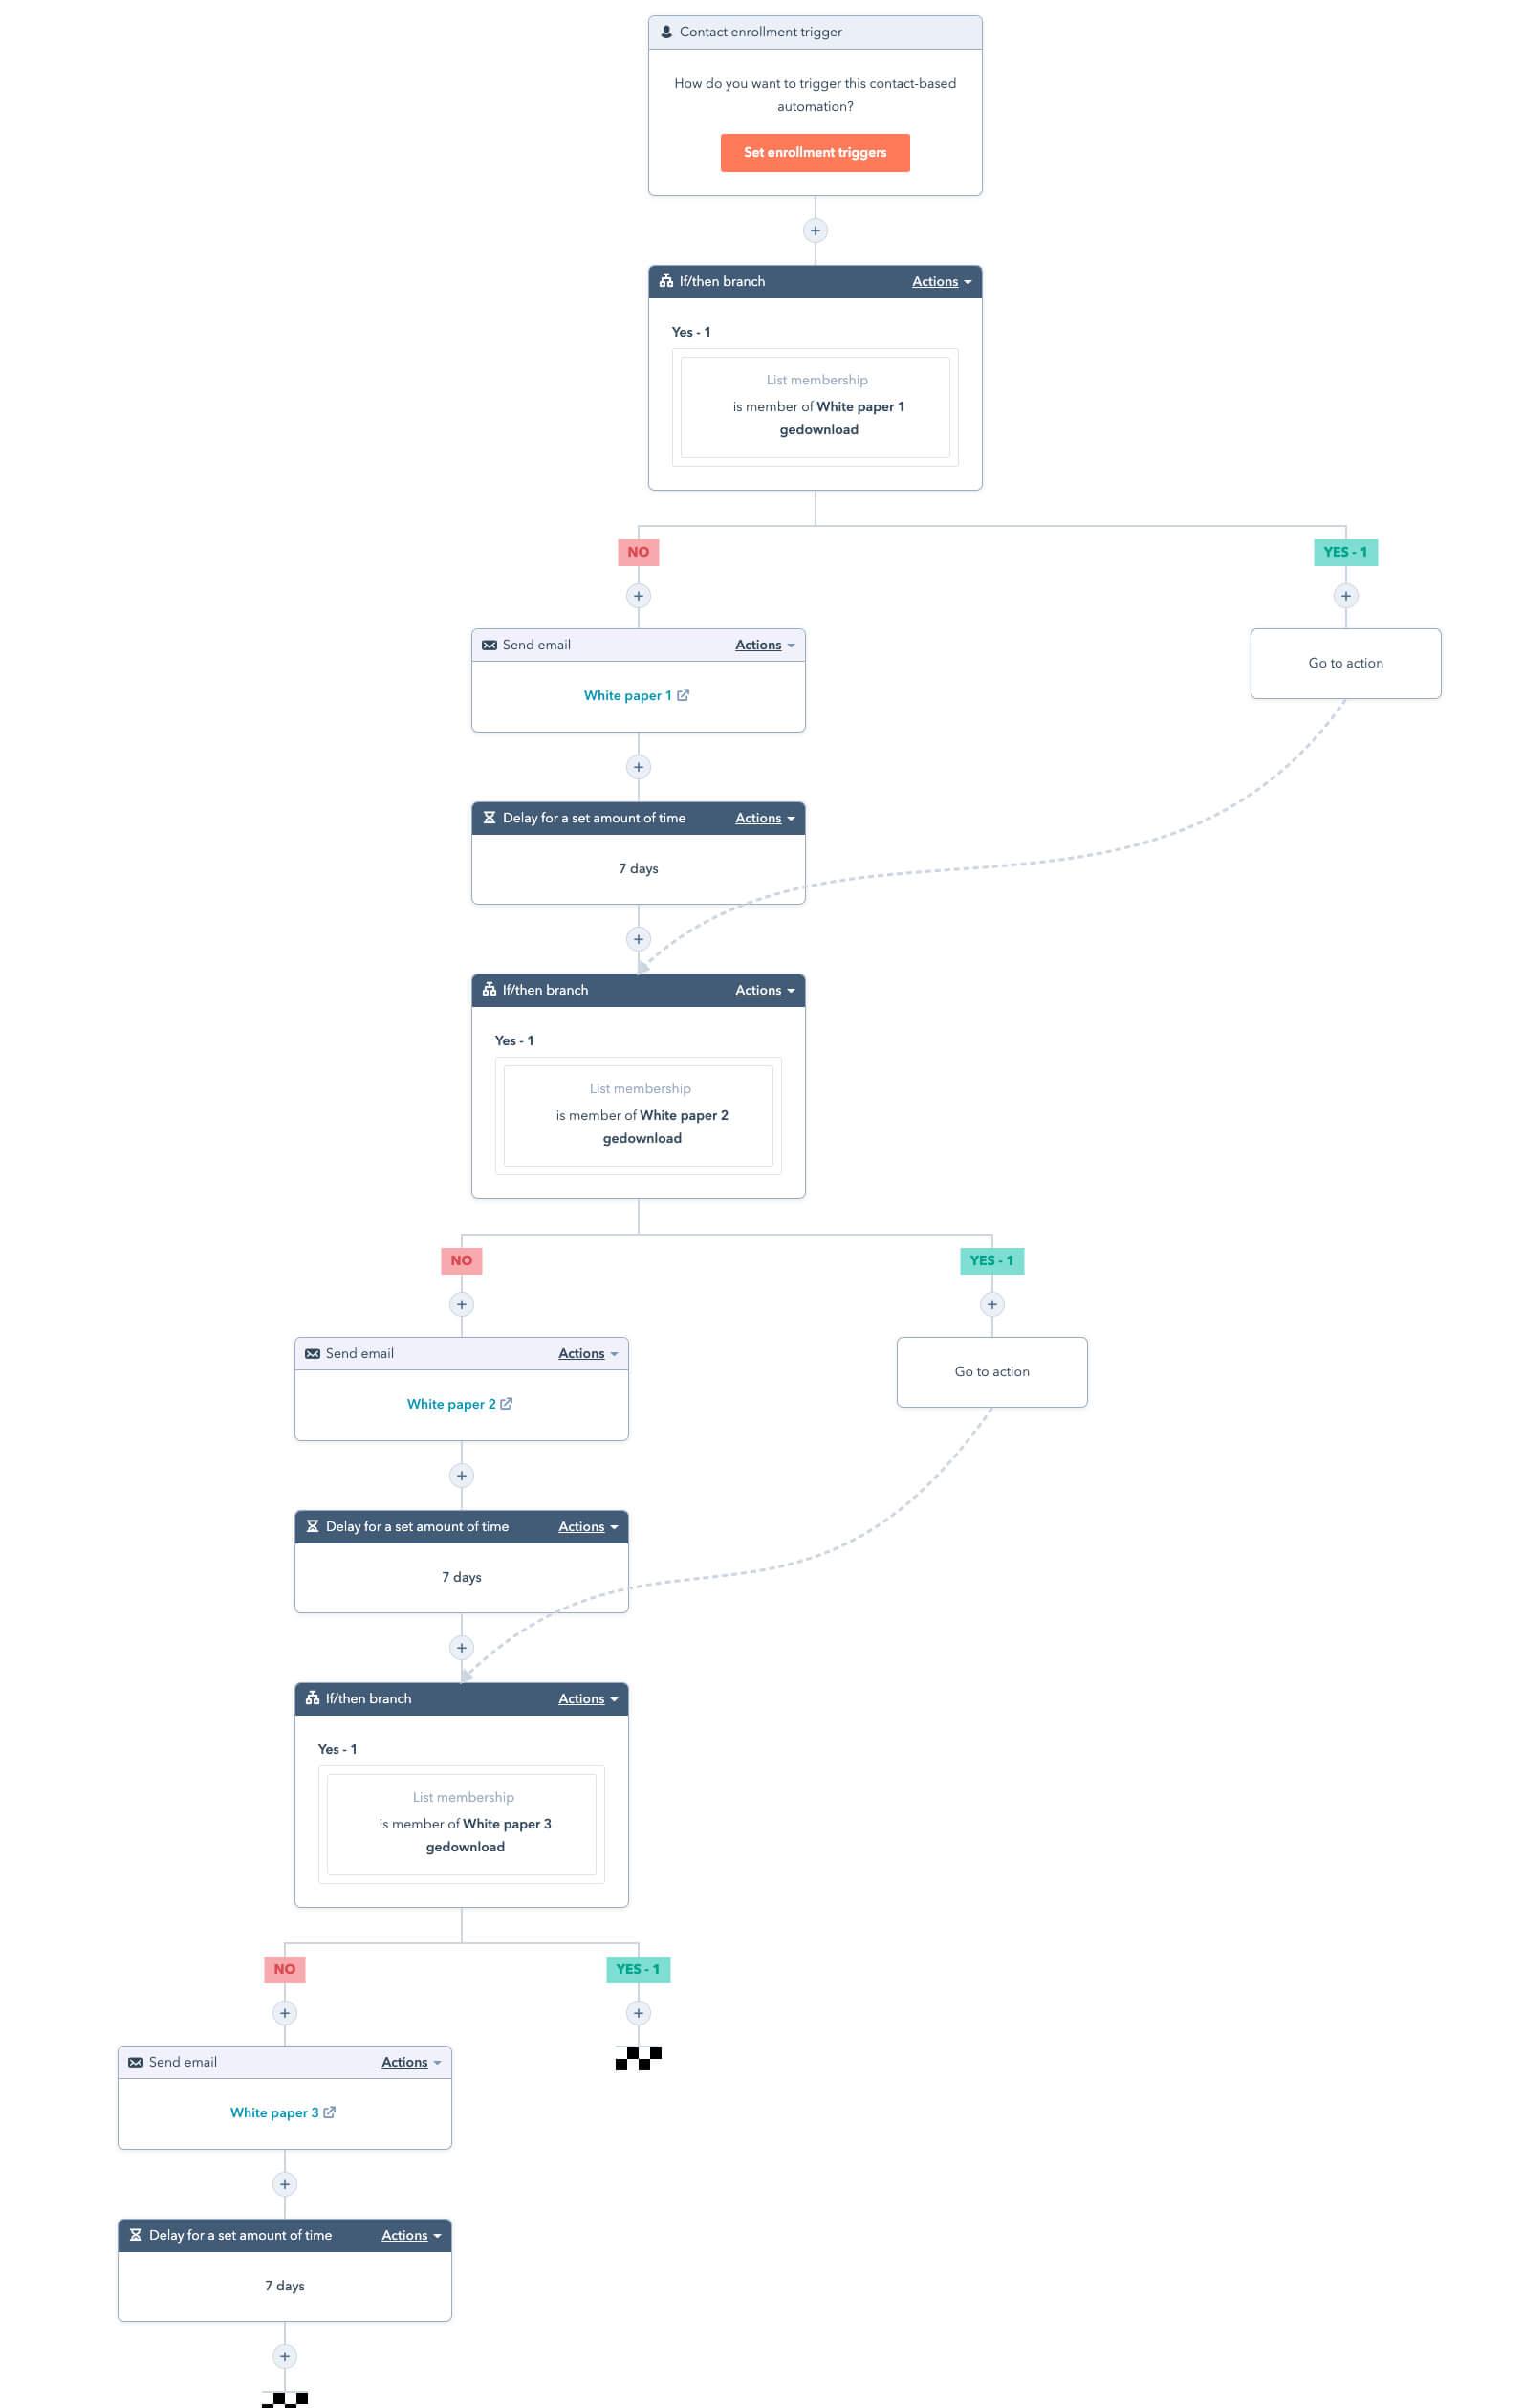 HubSpot workflow met go to action